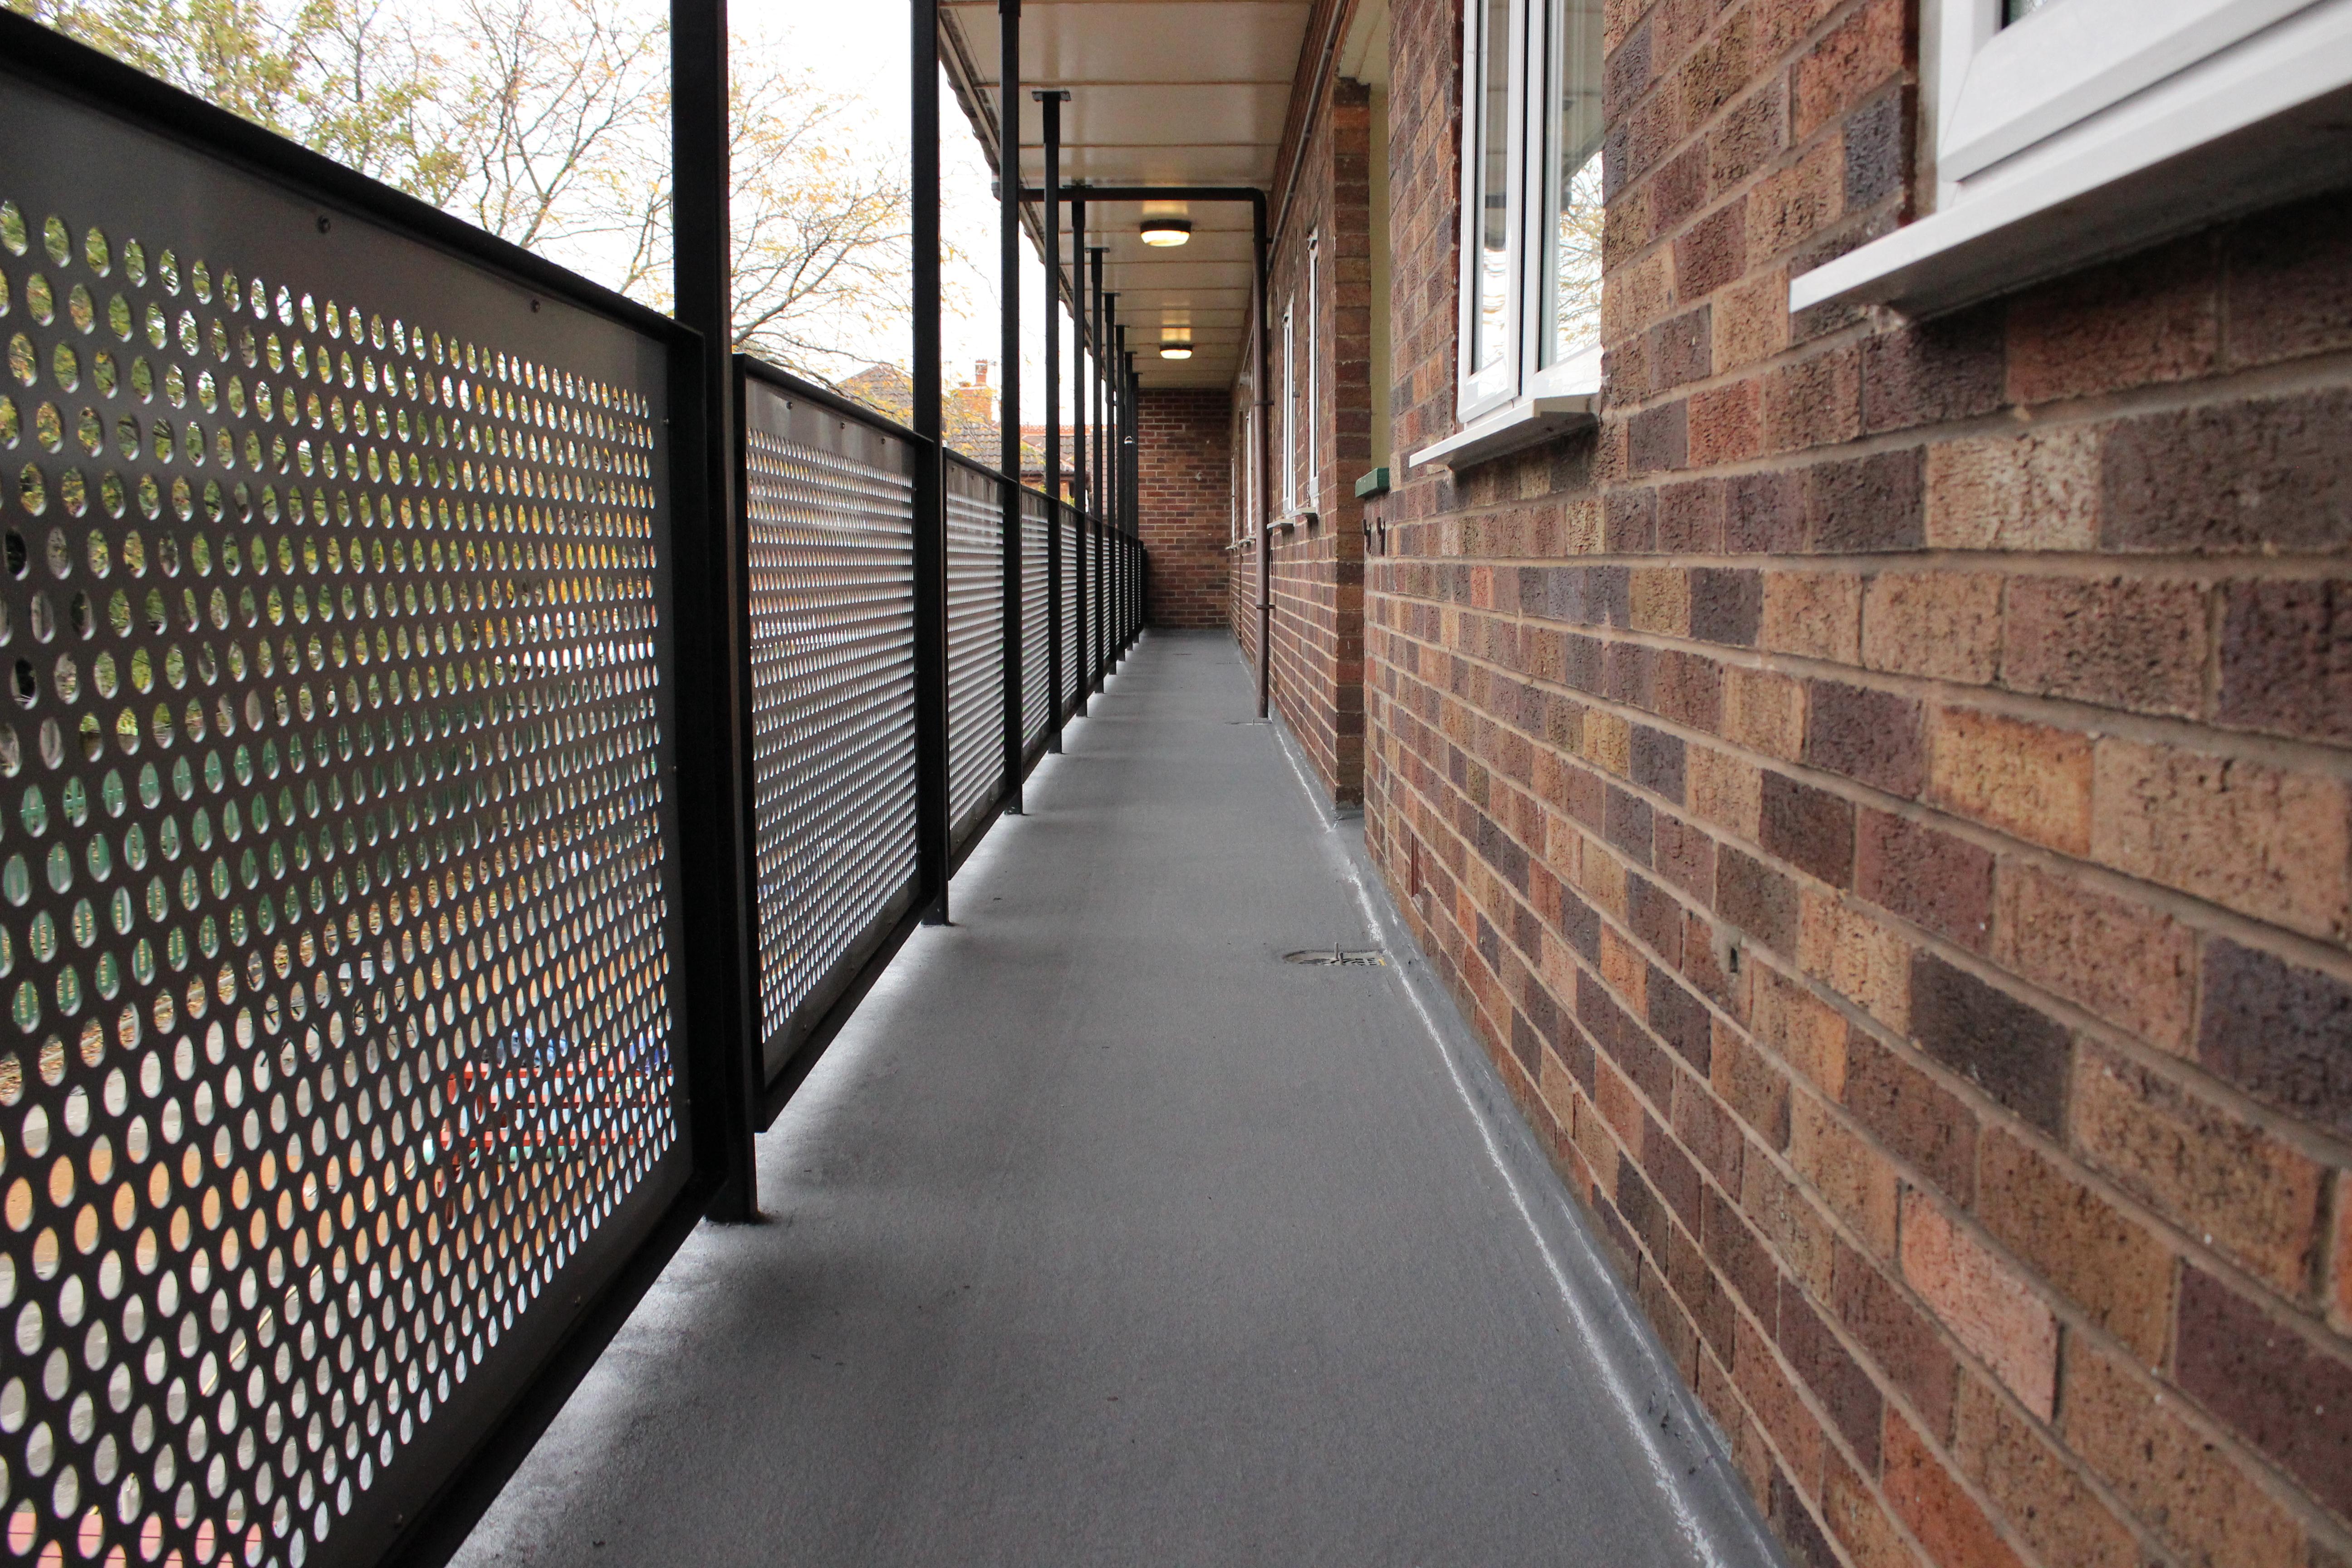 Balcony repairs refurbishment stockport specialist uk for Balcony repairs